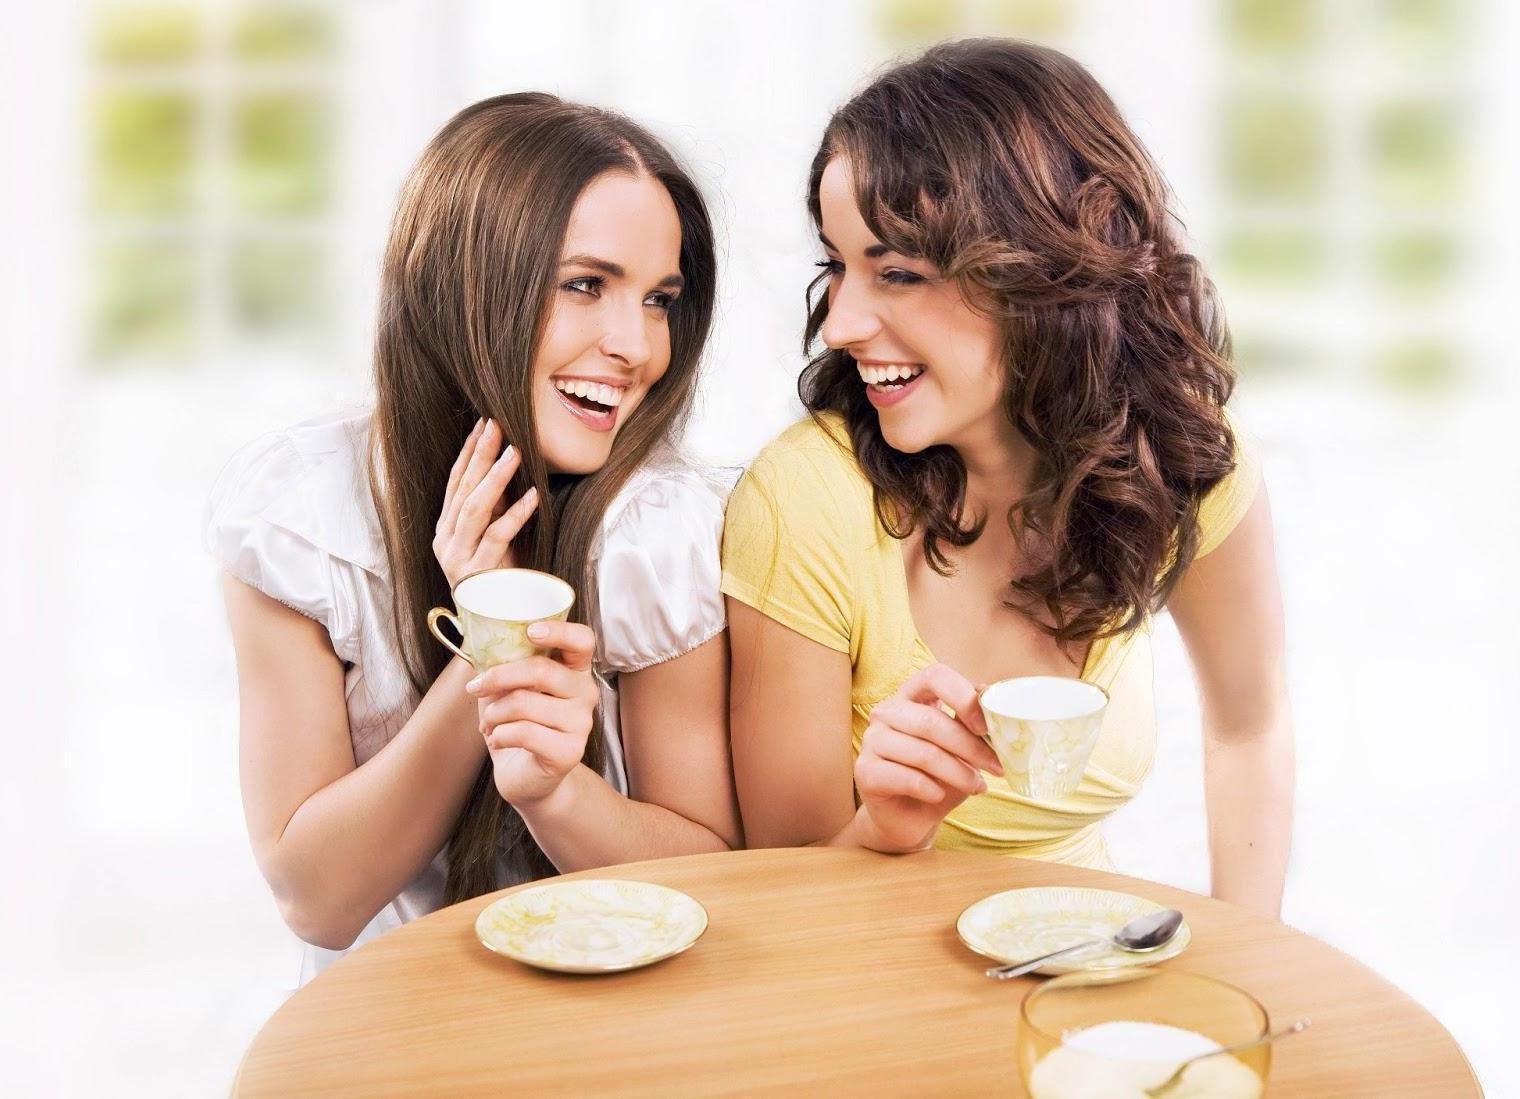 что сделать подруге на день знакомства